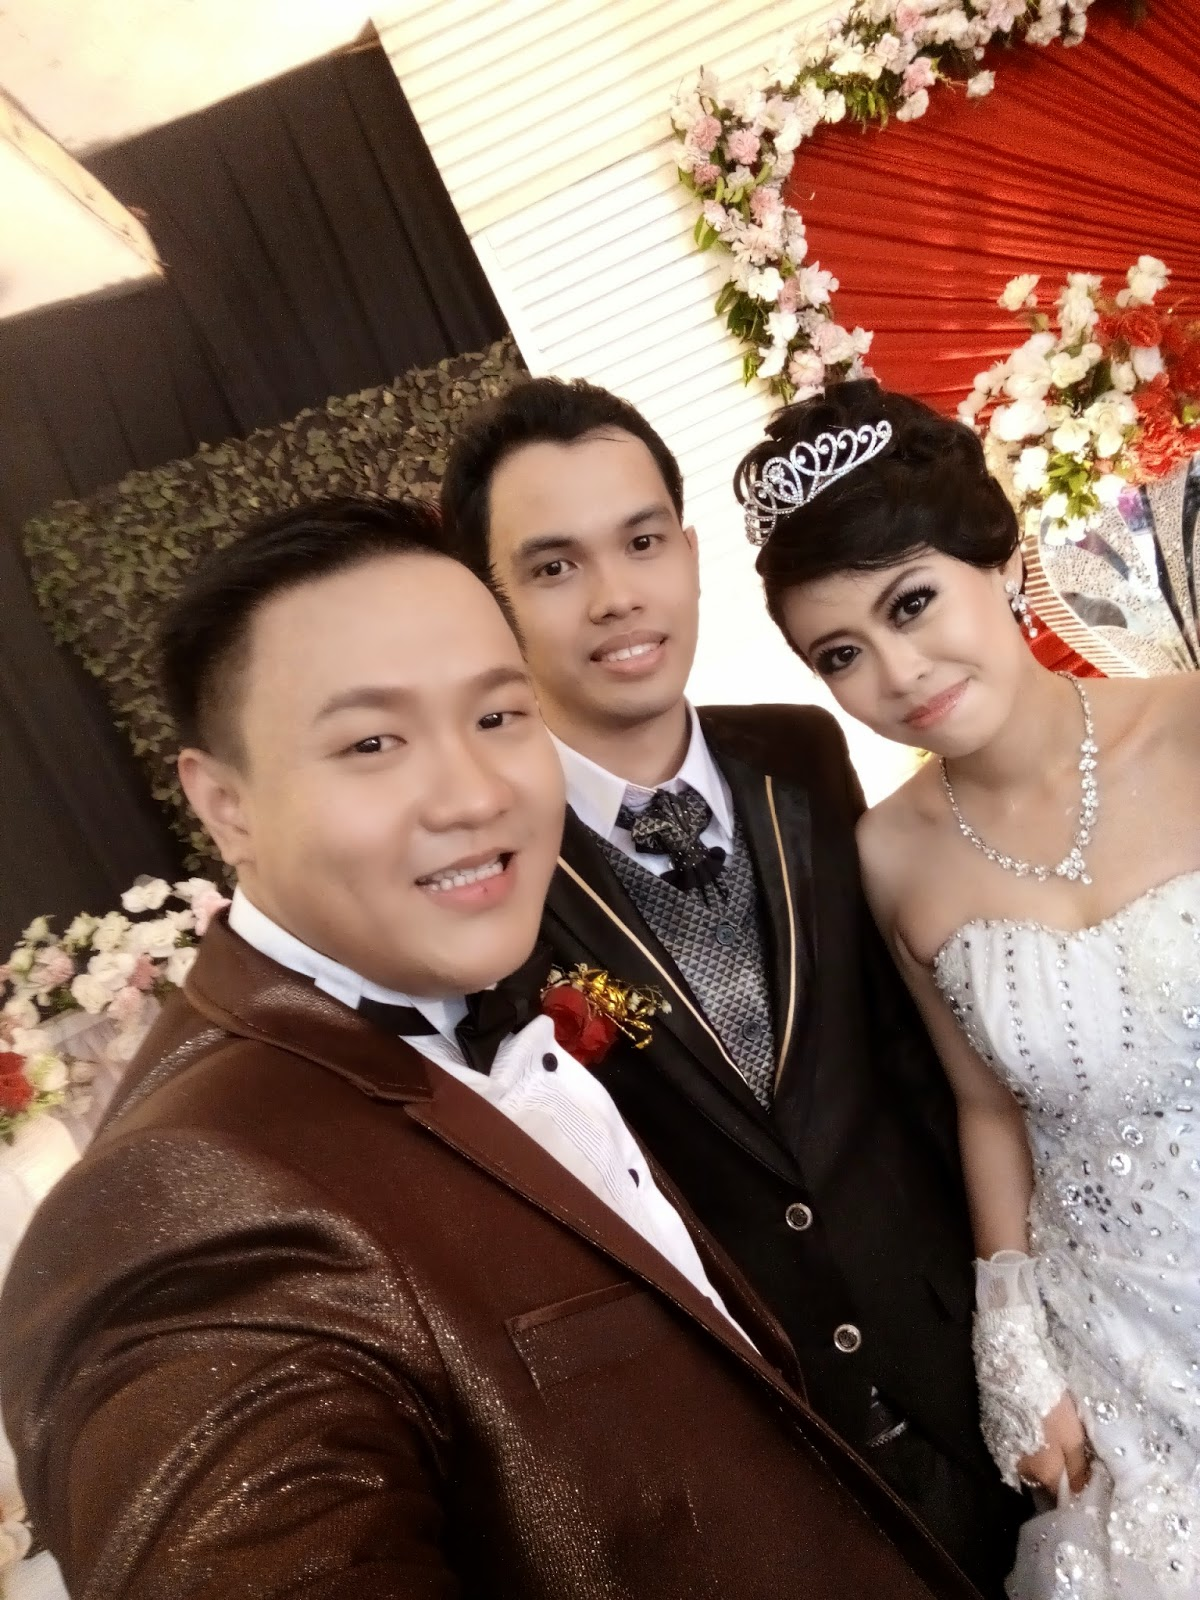 Dv griya Wedding dvgriyawedding  Instagram photos and